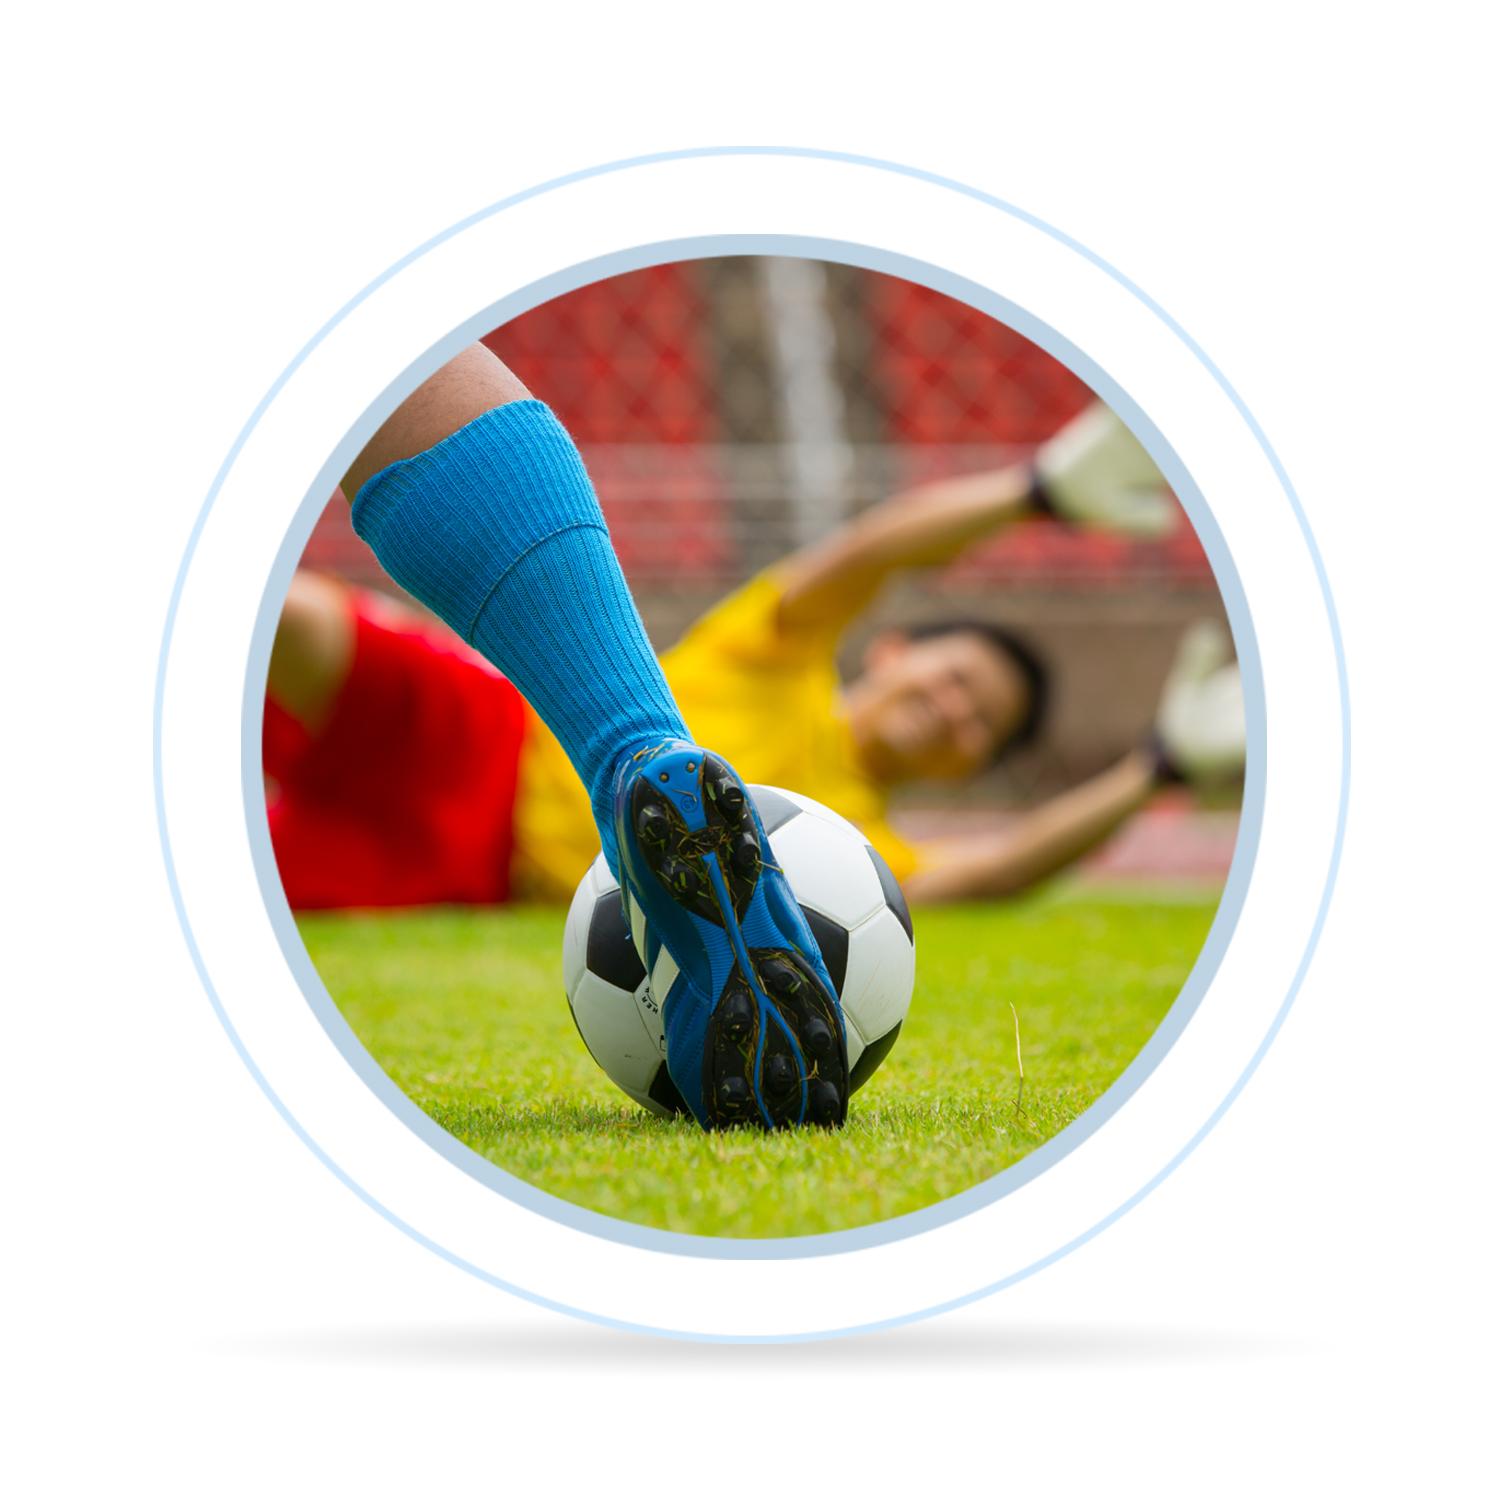 Fussball Sportisimo At